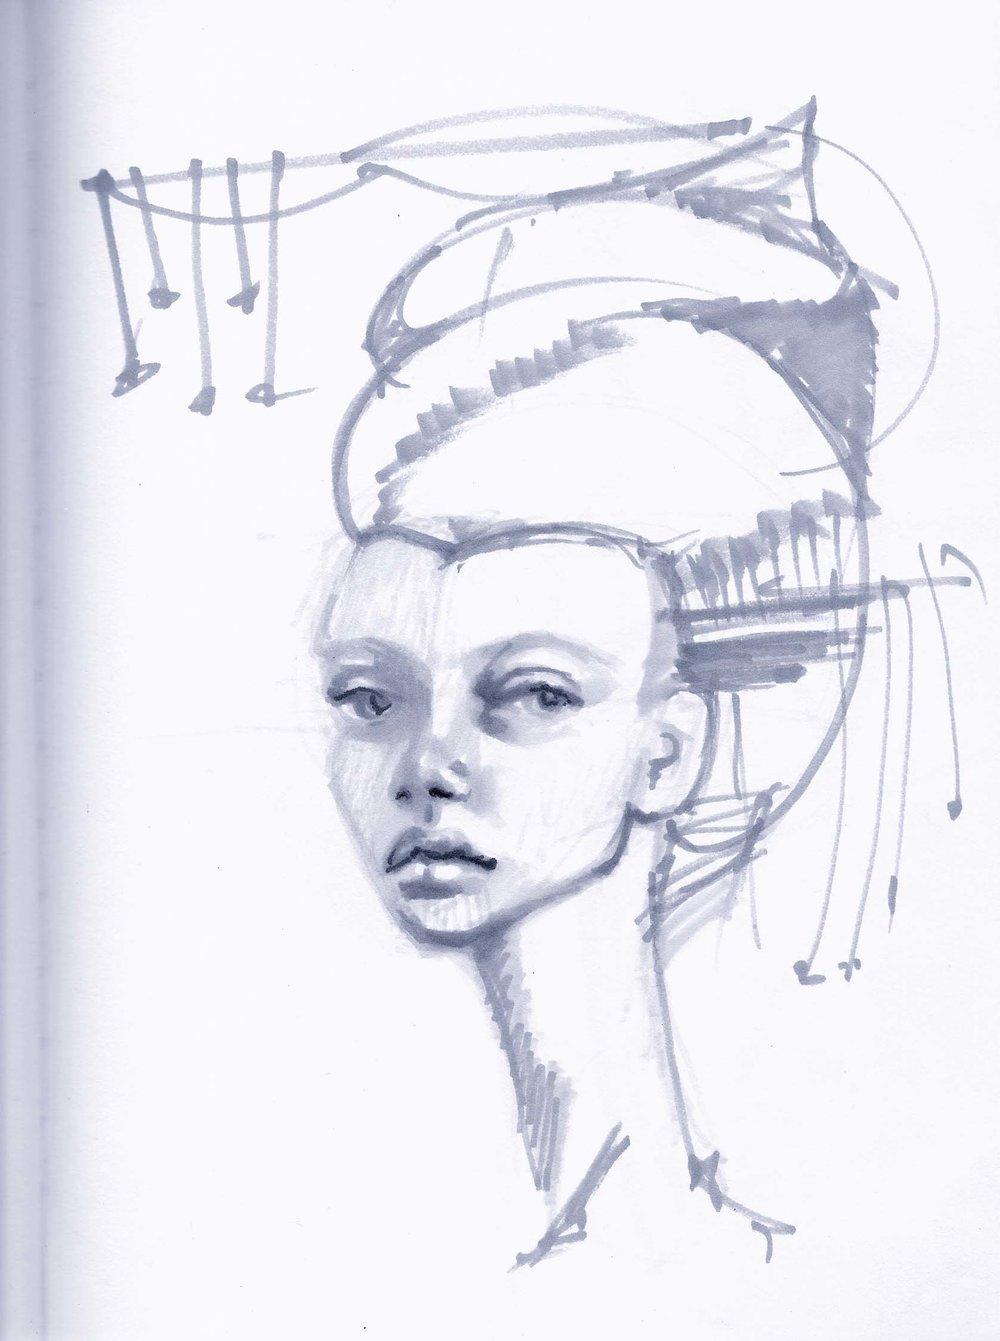 ivette-cabrera-art-sketches-kumari.jpeg